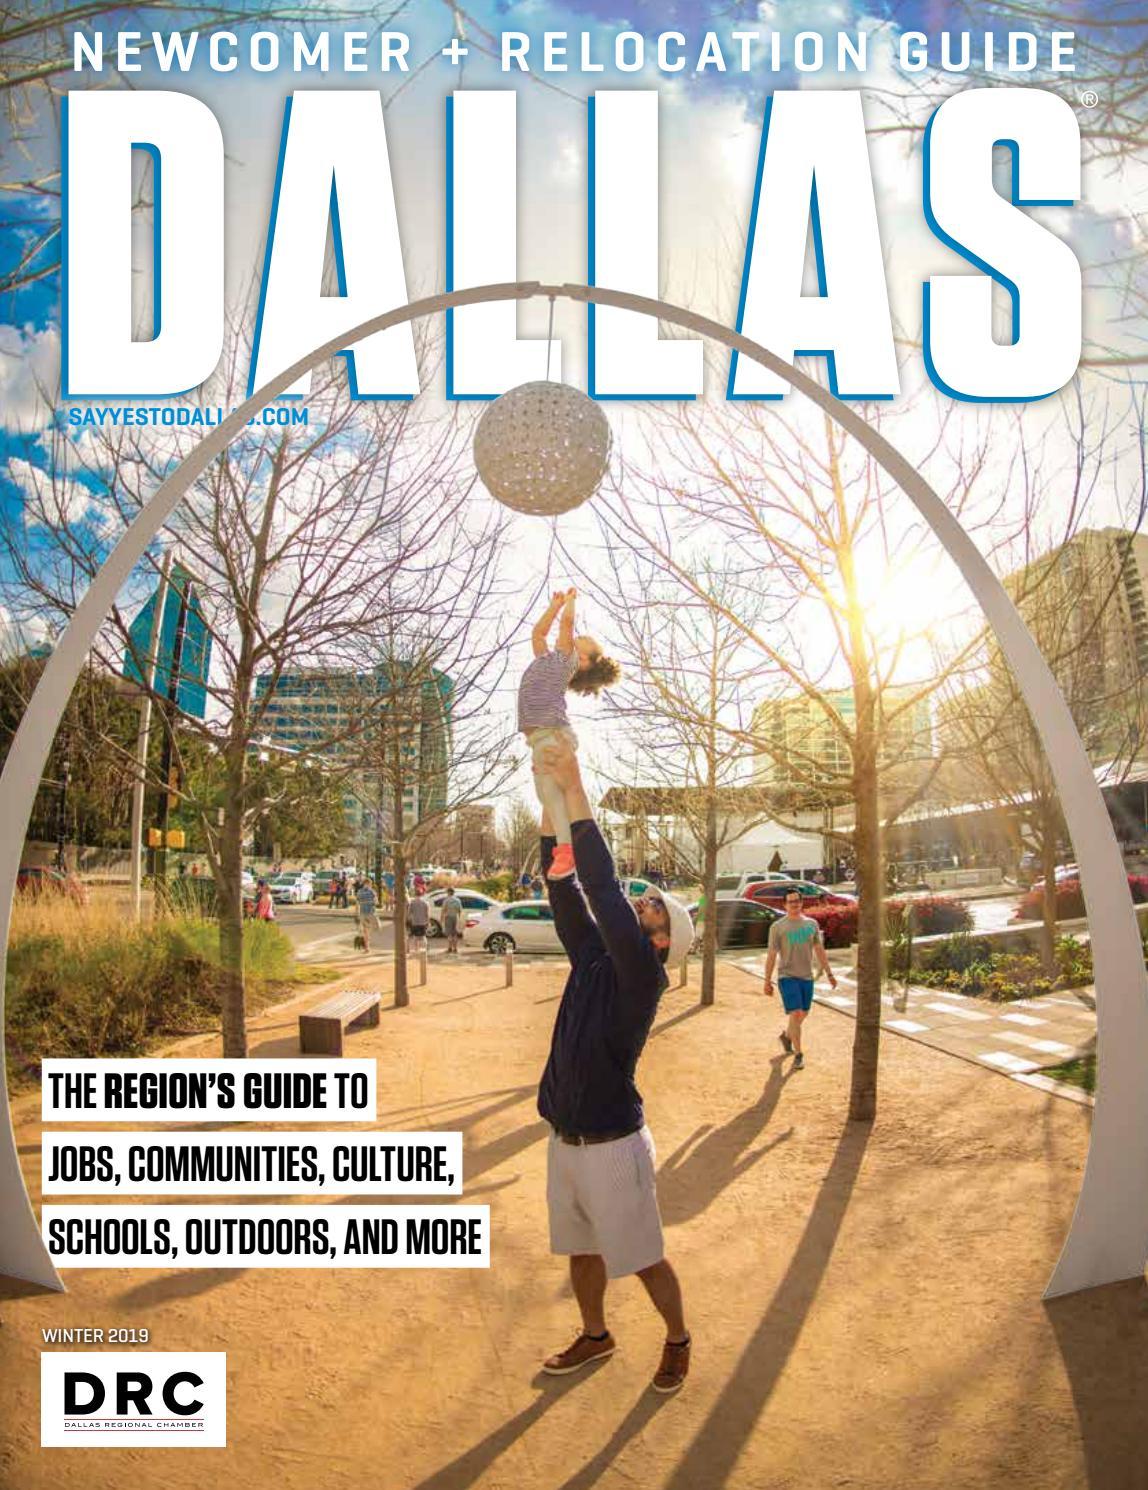 Dallas Region Newcomer + Relocation Guide – Winter 2019 Intended For Sprinh Break In Collin College 2029